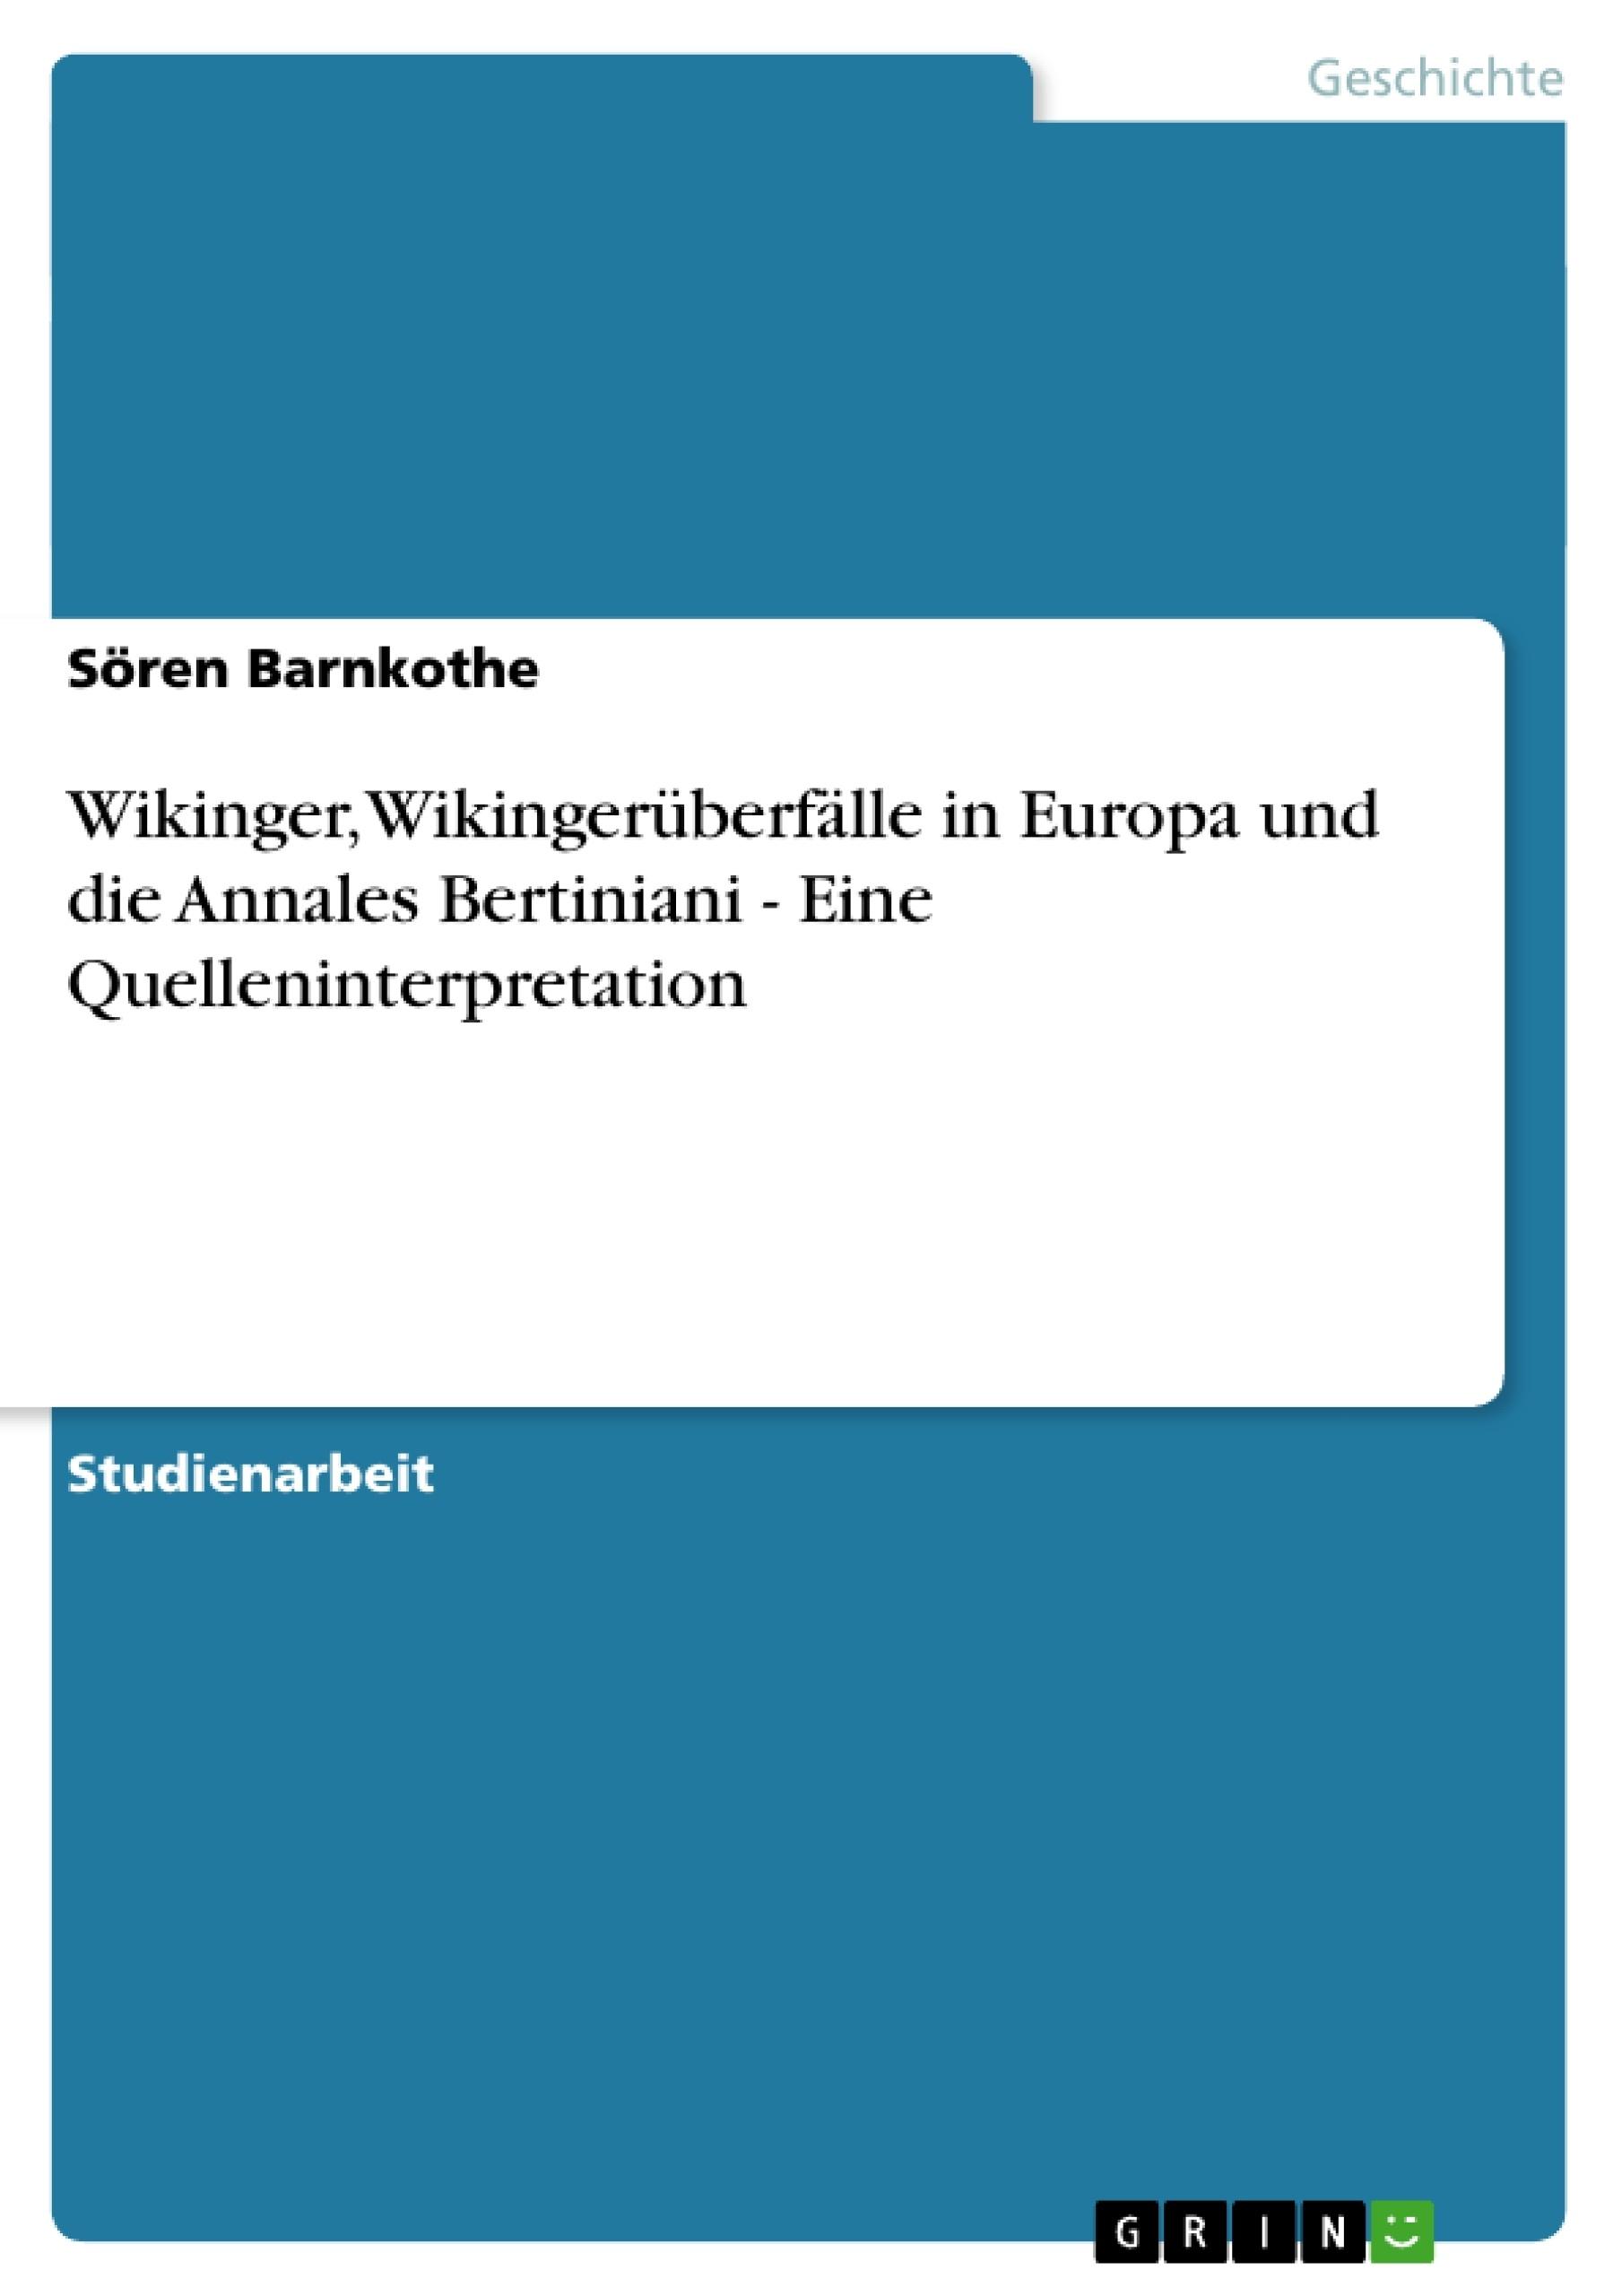 Titel: Wikinger, Wikingerüberfälle in Europa und die Annales Bertiniani - Eine Quelleninterpretation